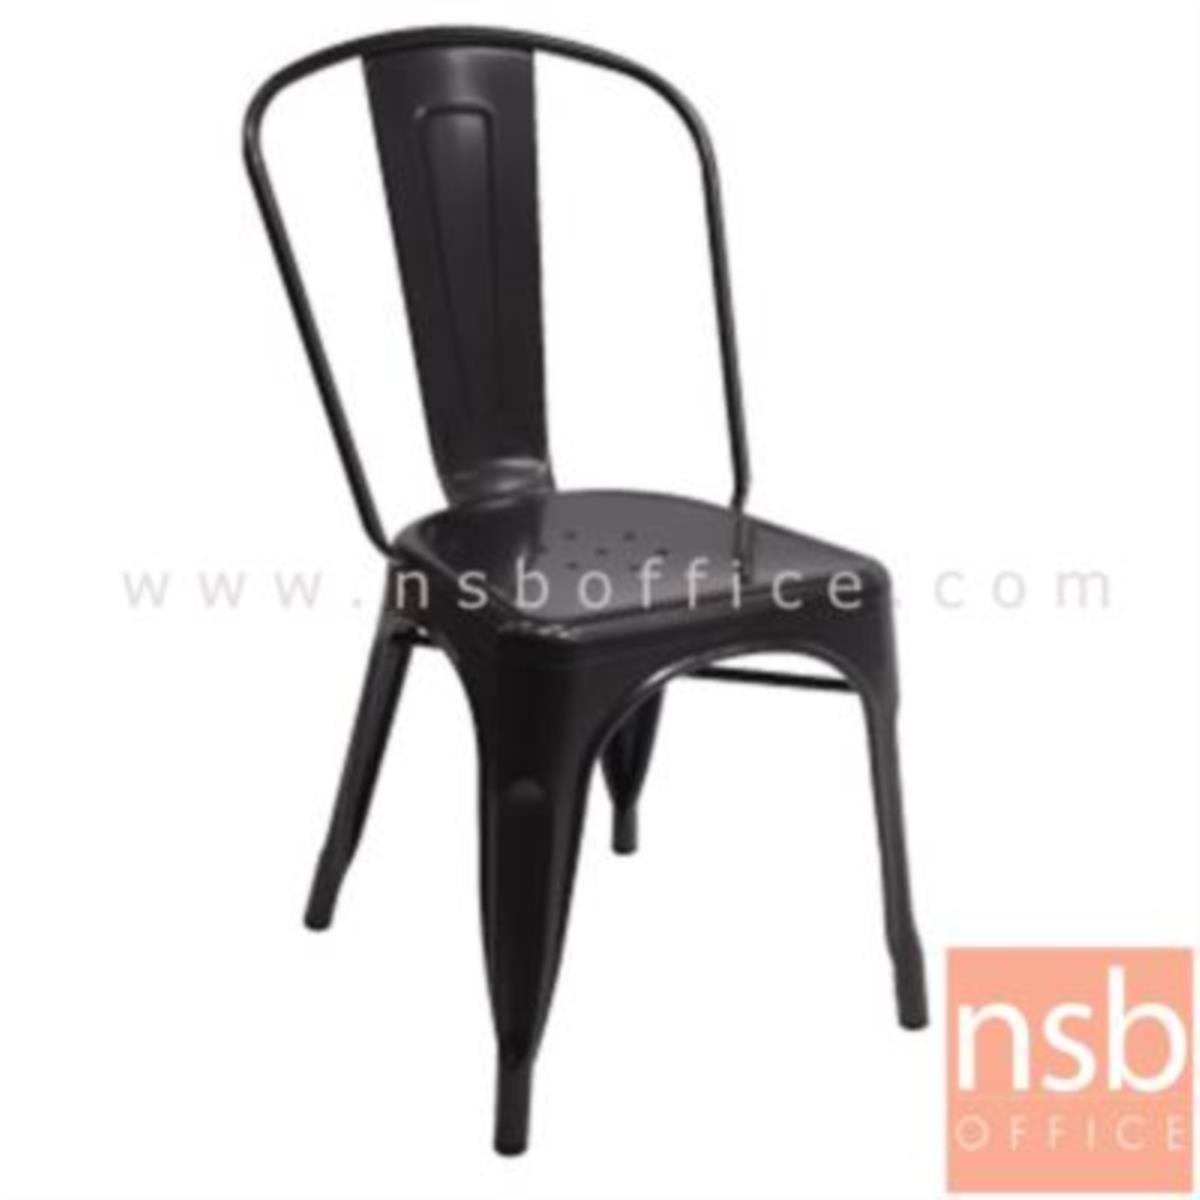 B29A095:เก้าอี้โมเดิร์นเหล็ก รุ่น Belegost (เบเลกอสต์)  สีดำ